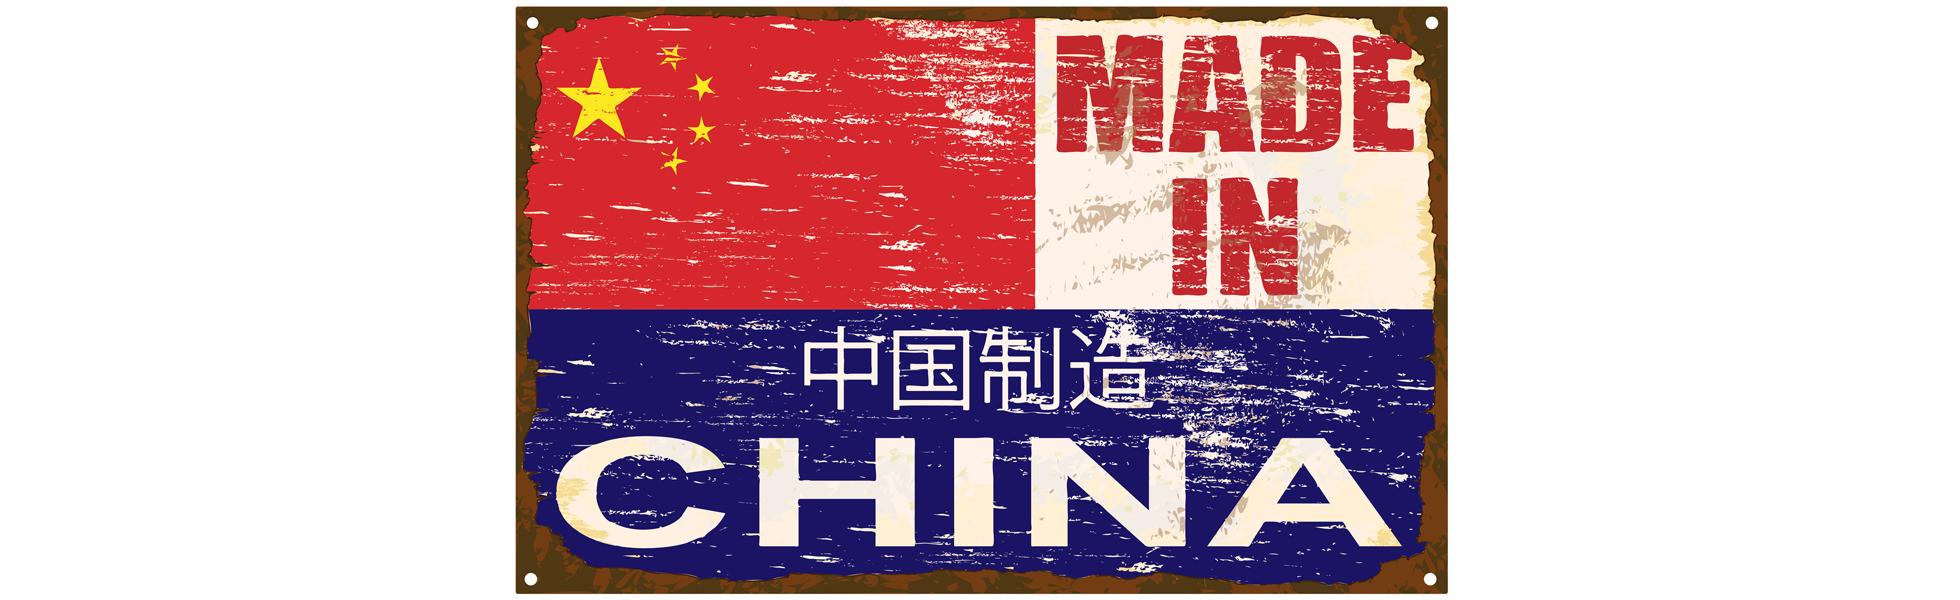 China NNN Agreement